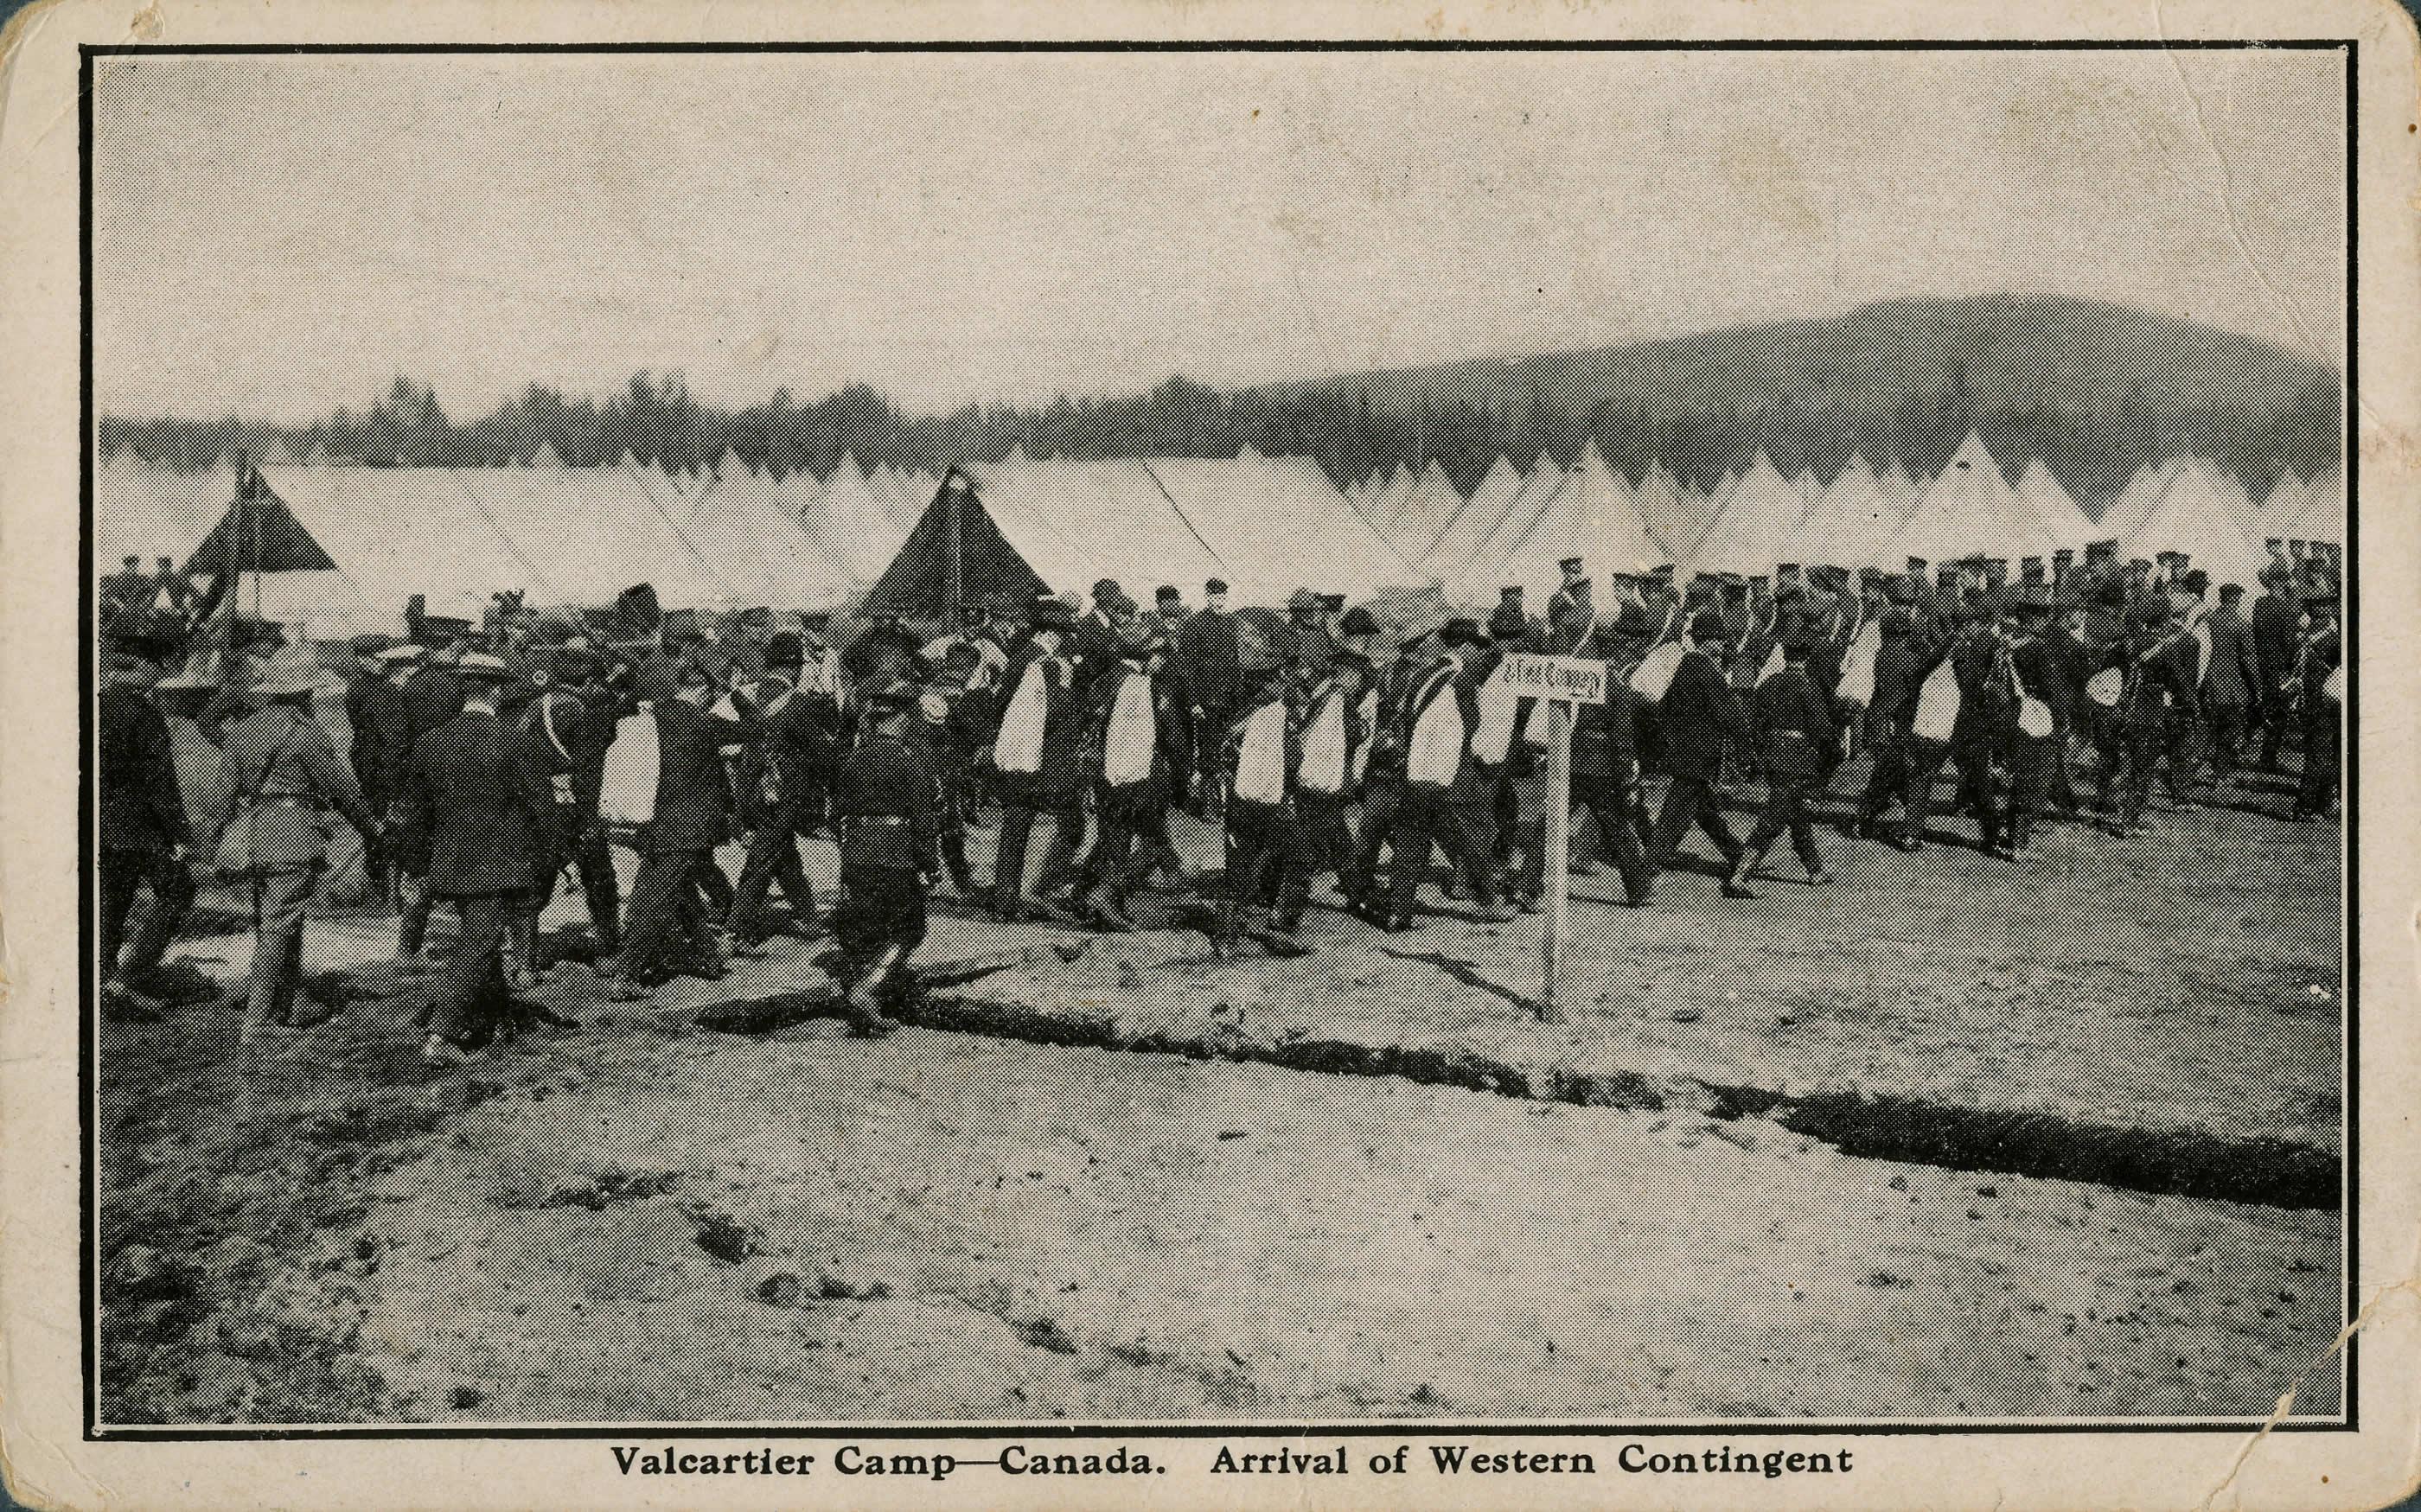 Arrival of Western Contingent, Valcartier